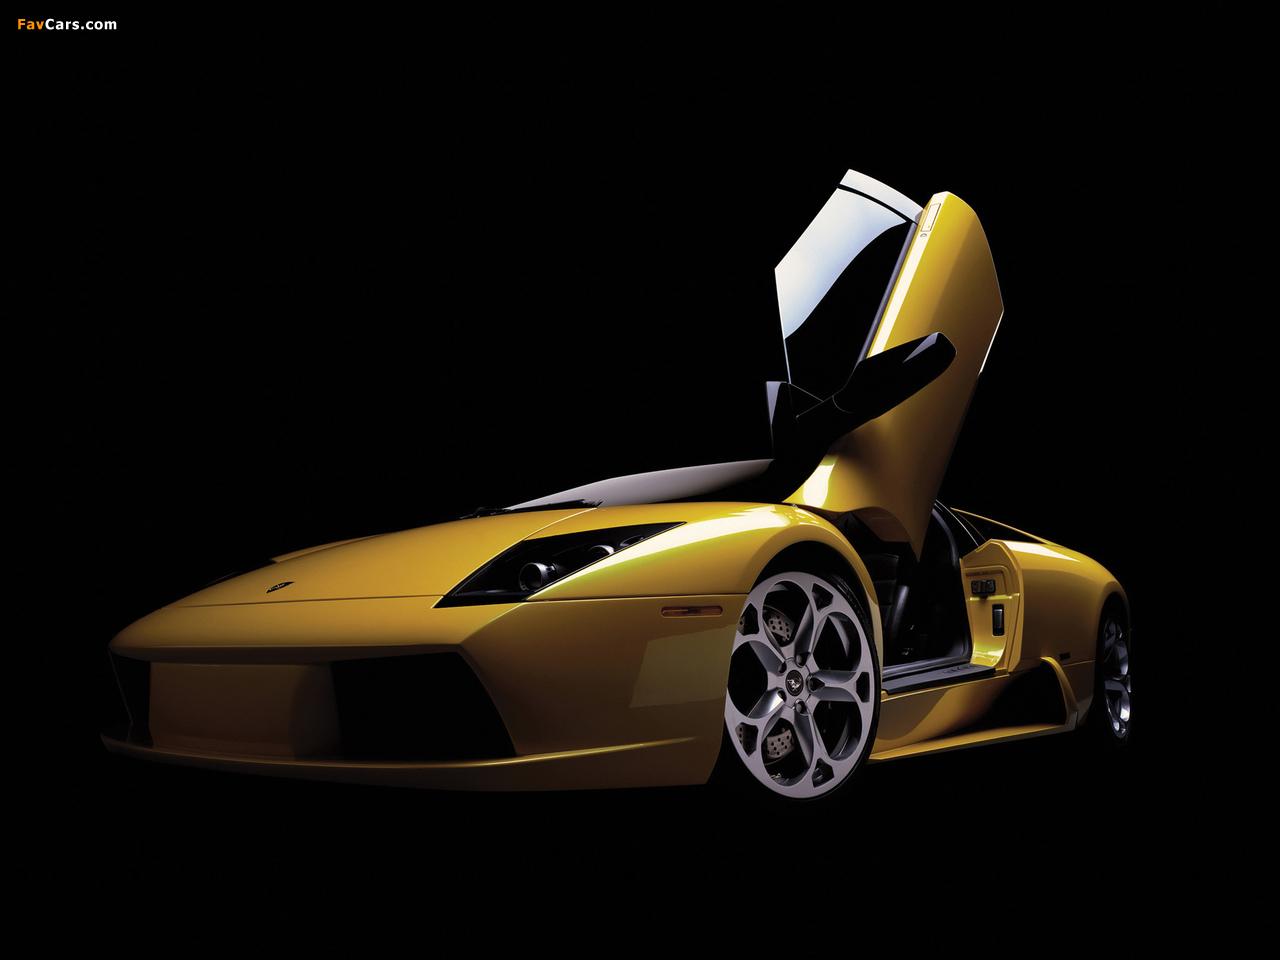 Lamborghini Murcielago Barchetta Concept 2002 images (1280 x 960)